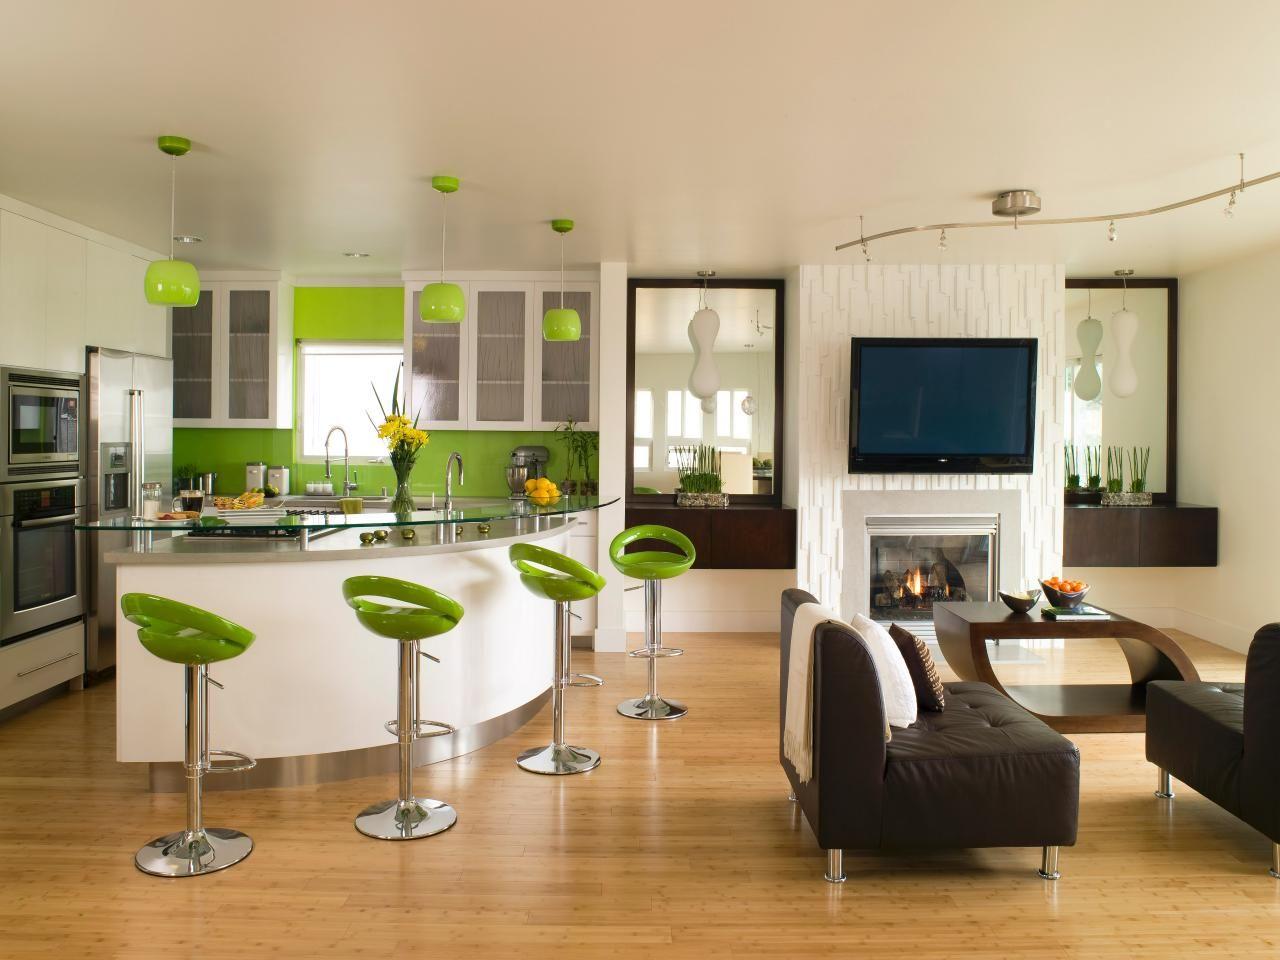 Kitchen Color Design Ideas | DIY Kitchen Design Ideas - Kitchen Cabinets, Islands, Backsplashes | DIY